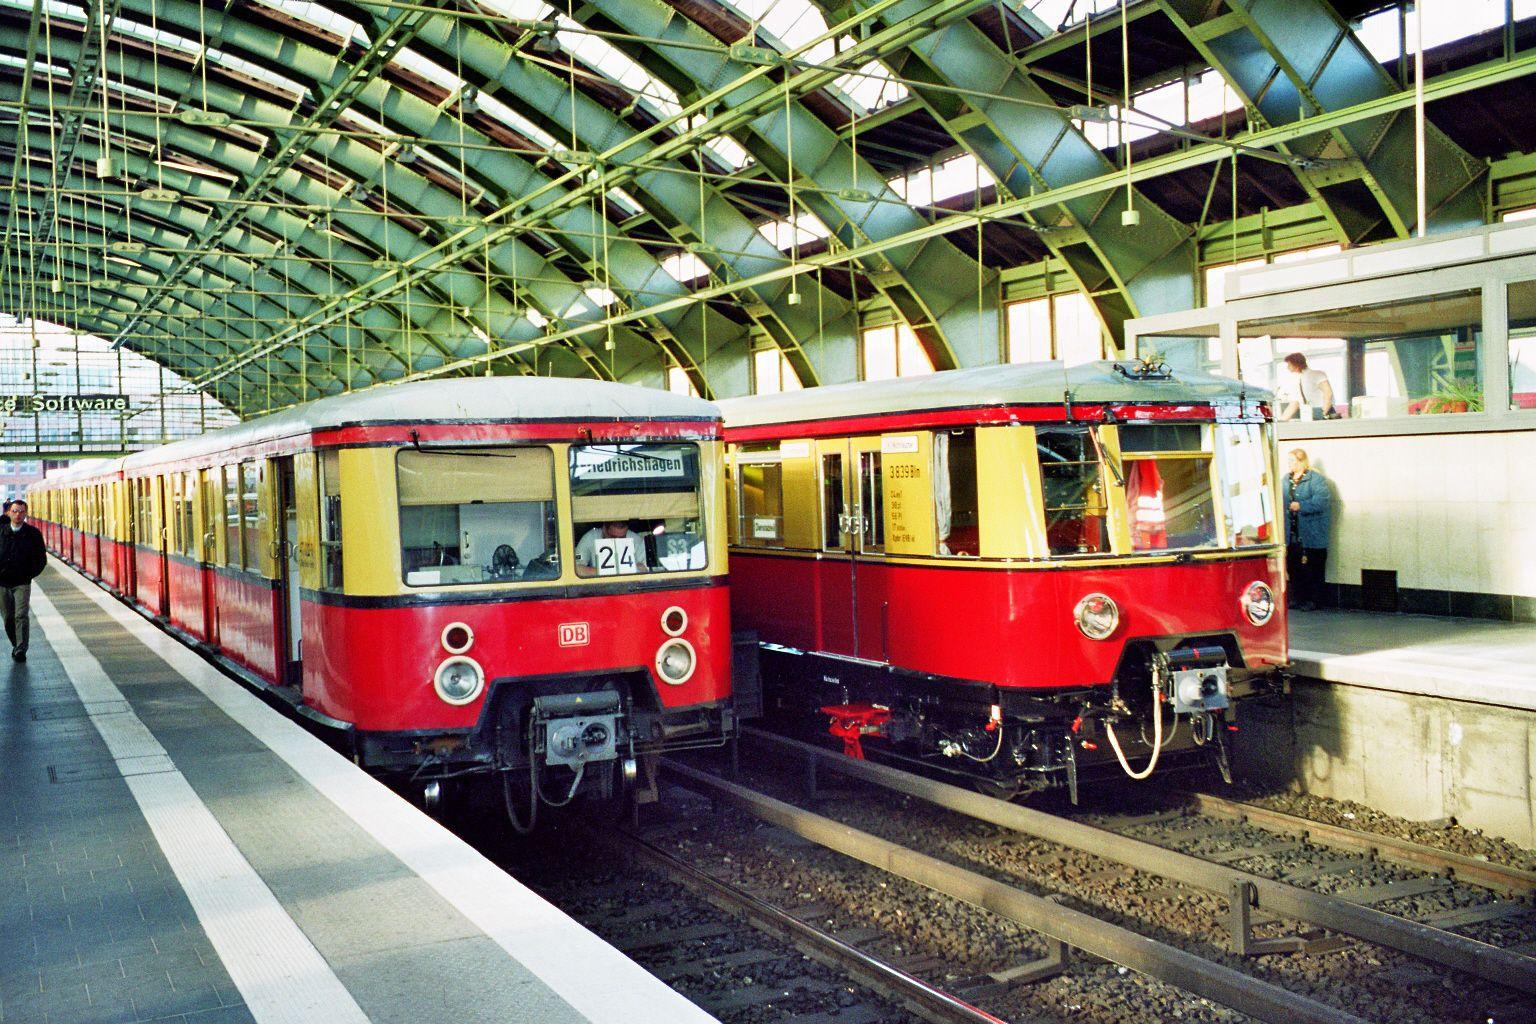 S-Bahn 3839, Bauart 1938/1941, Baureihe 167, neben Baureihe 477, Ostbahnhof, 2002